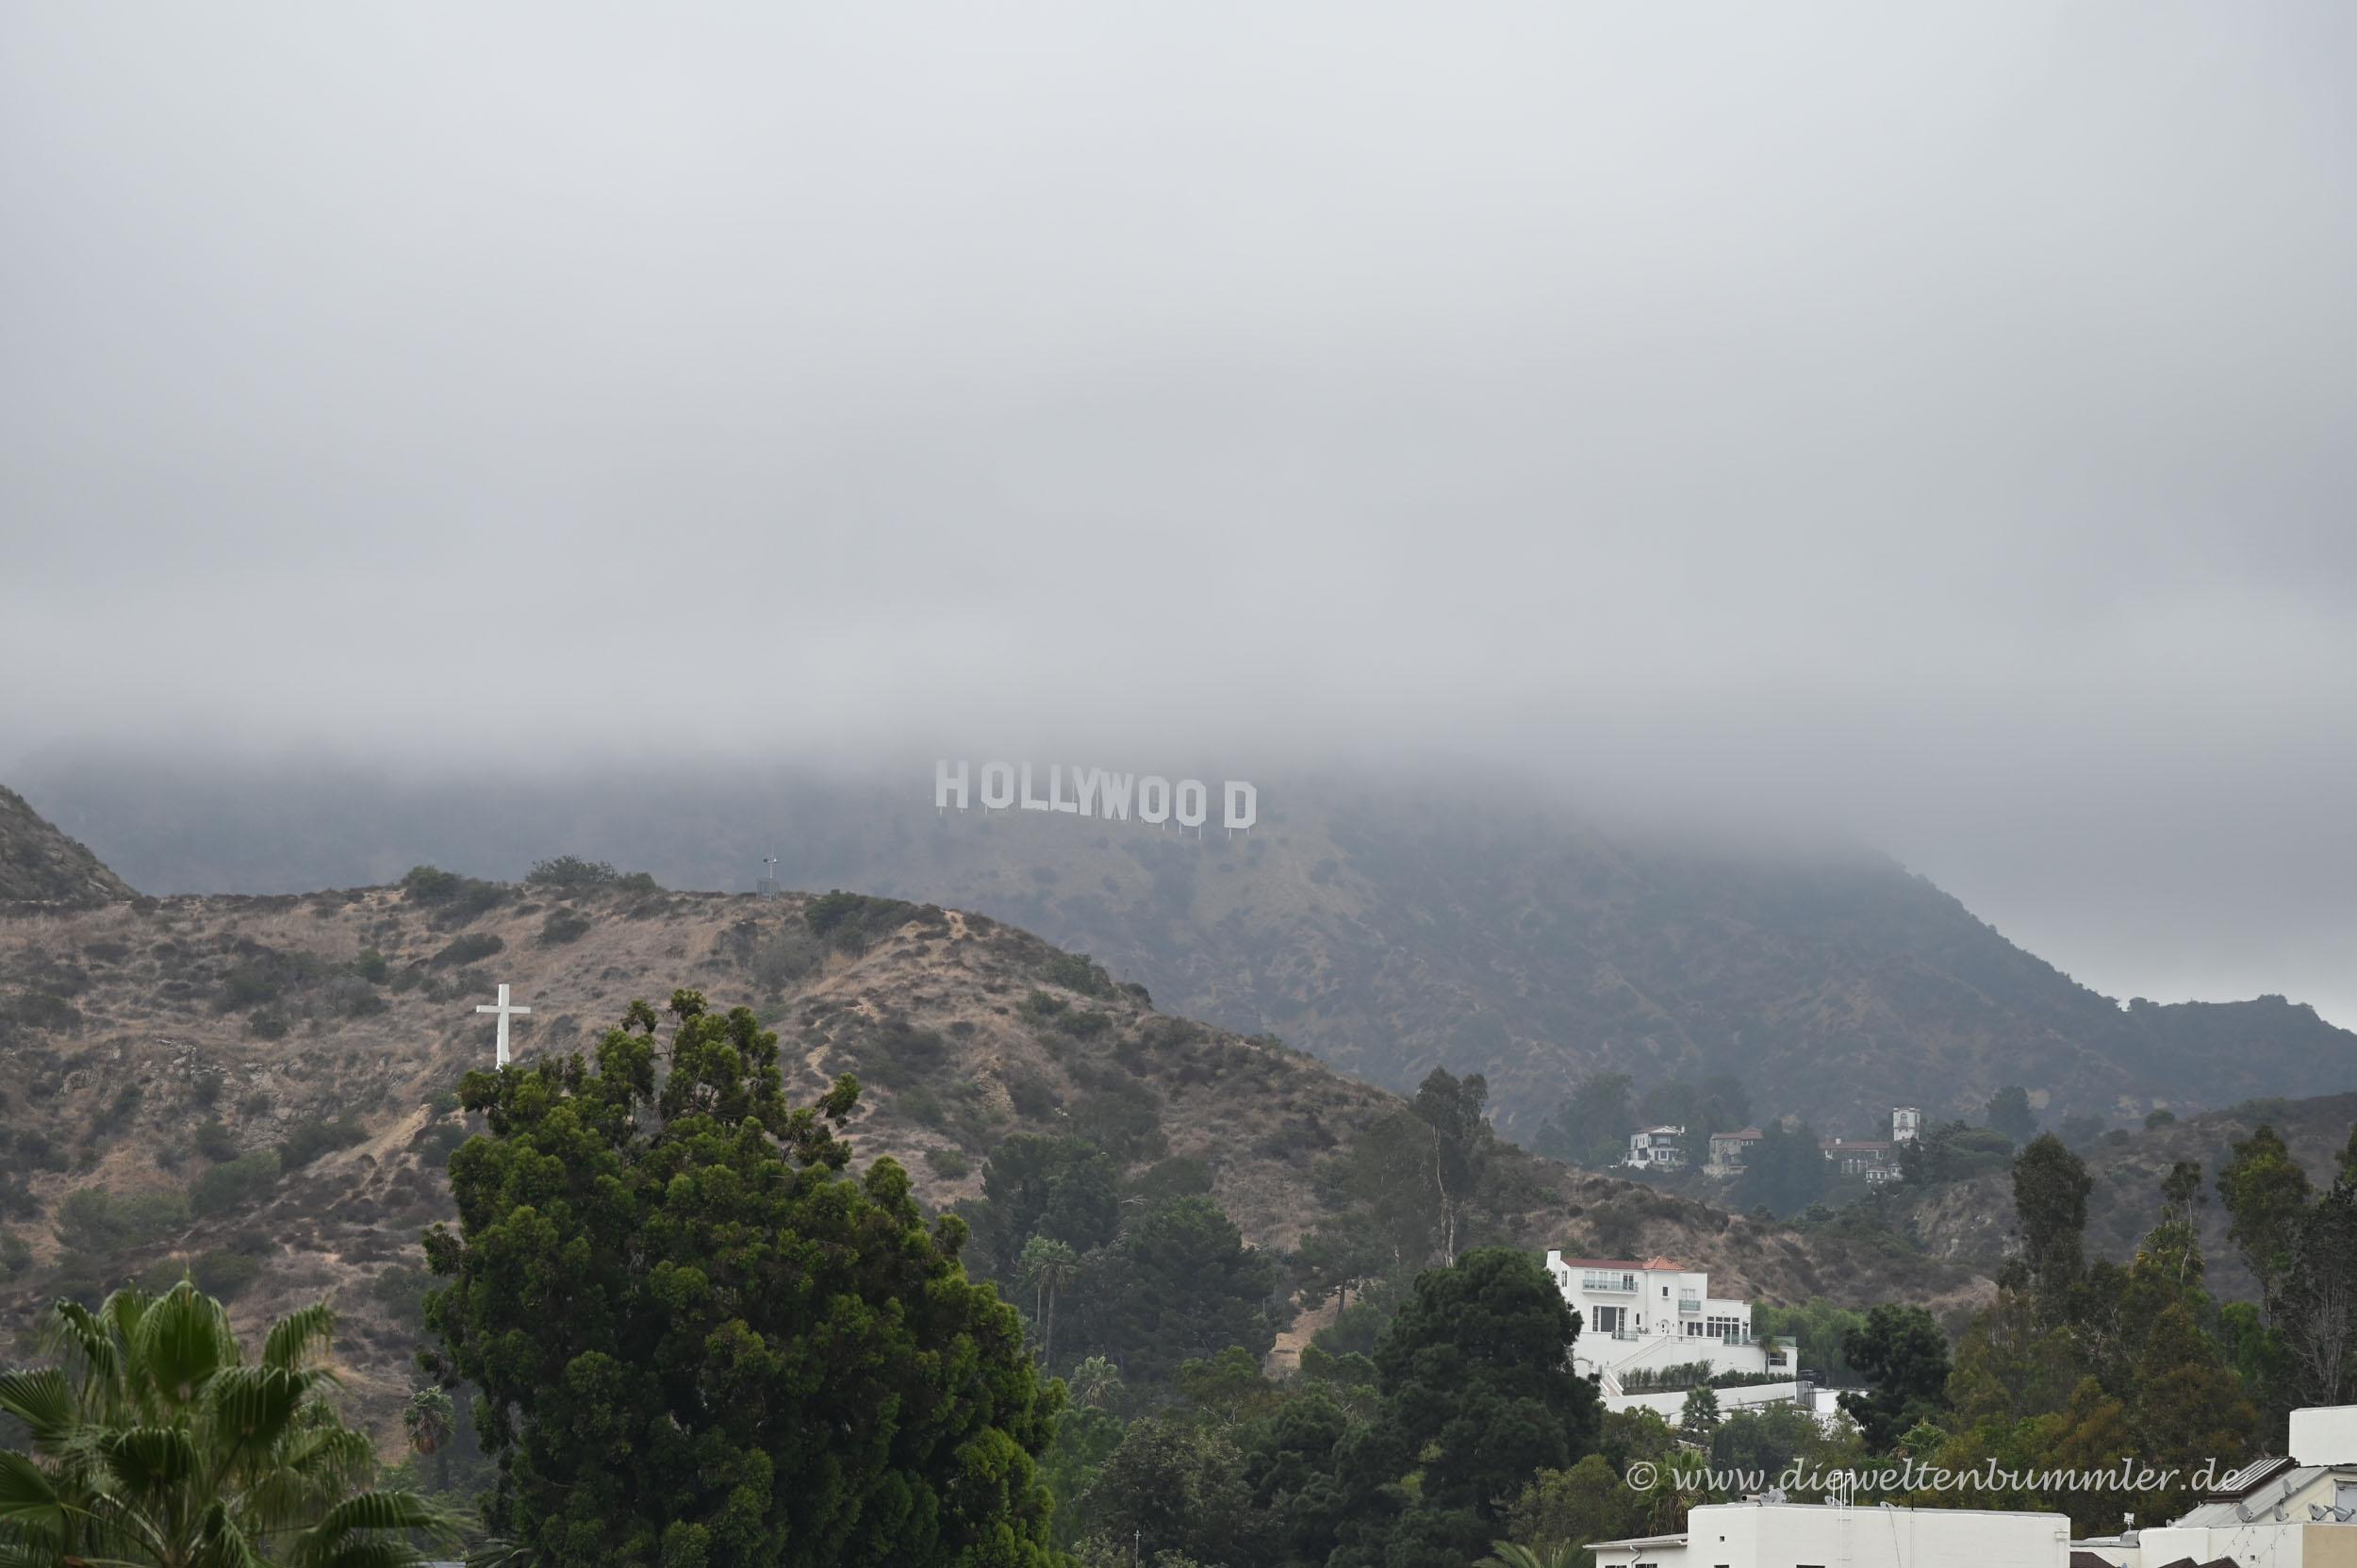 Hollywood-Schriftzug in den Wolken